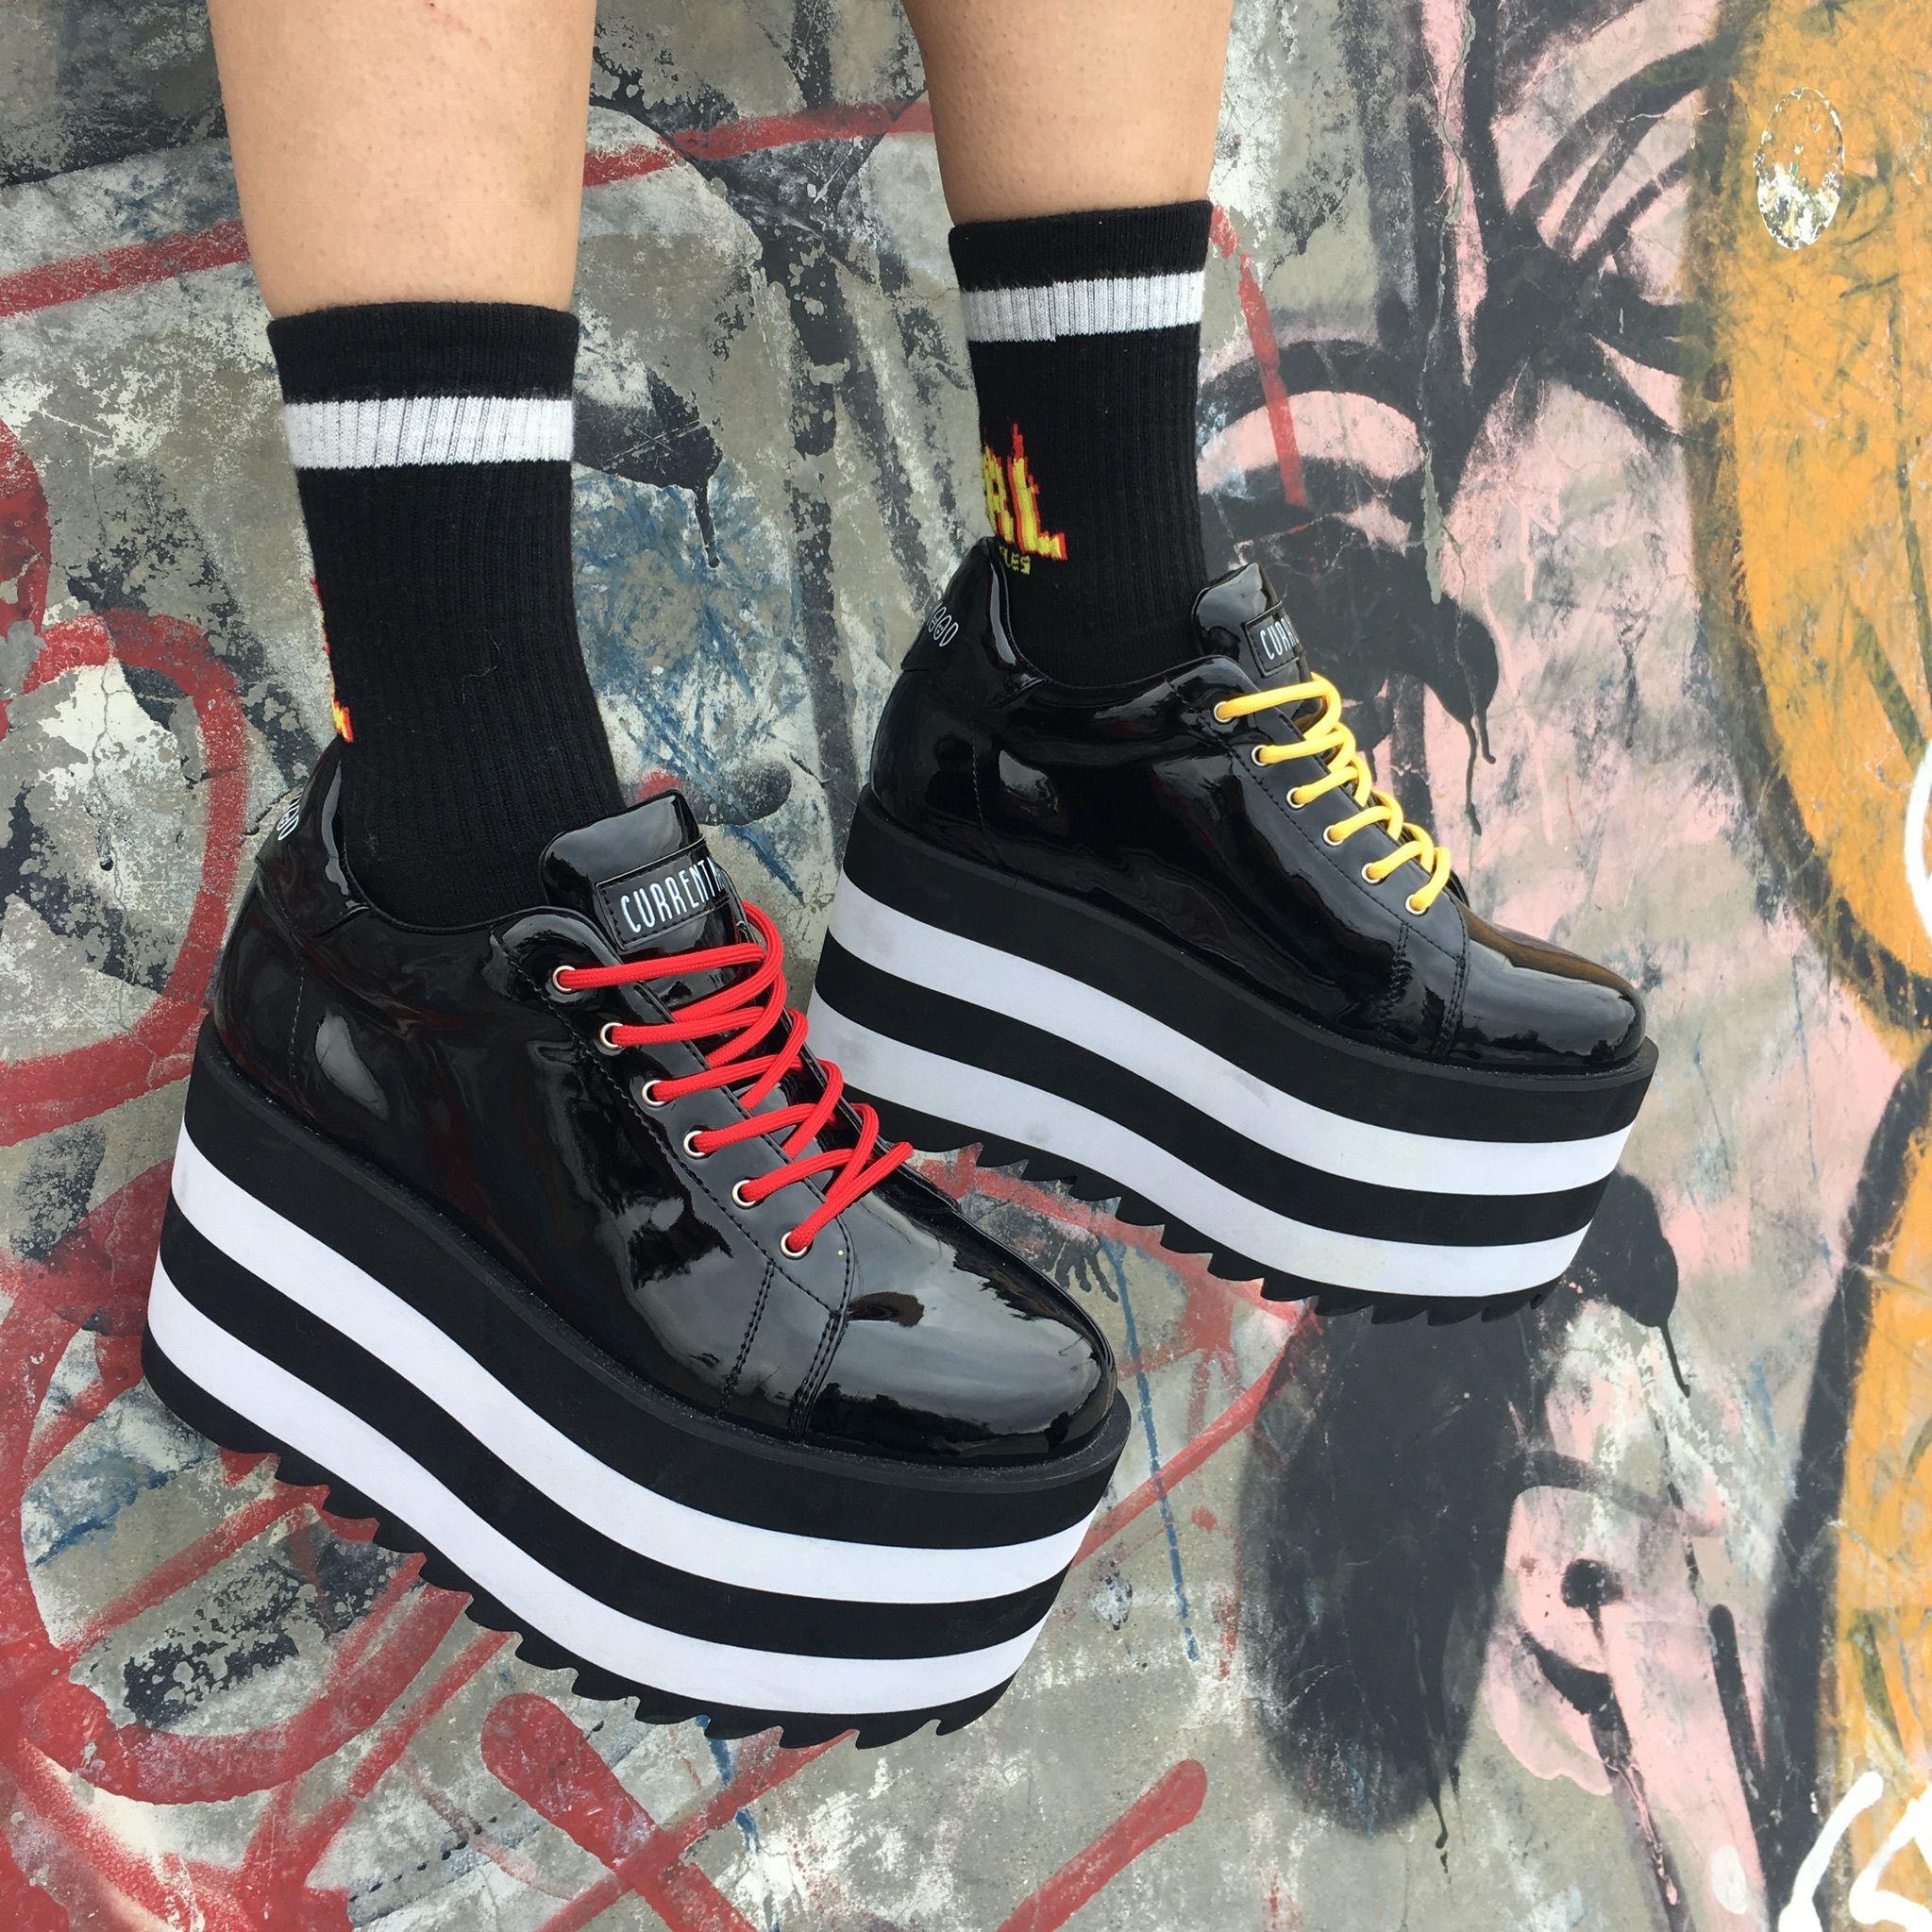 Night Shiner Platform Sneakers